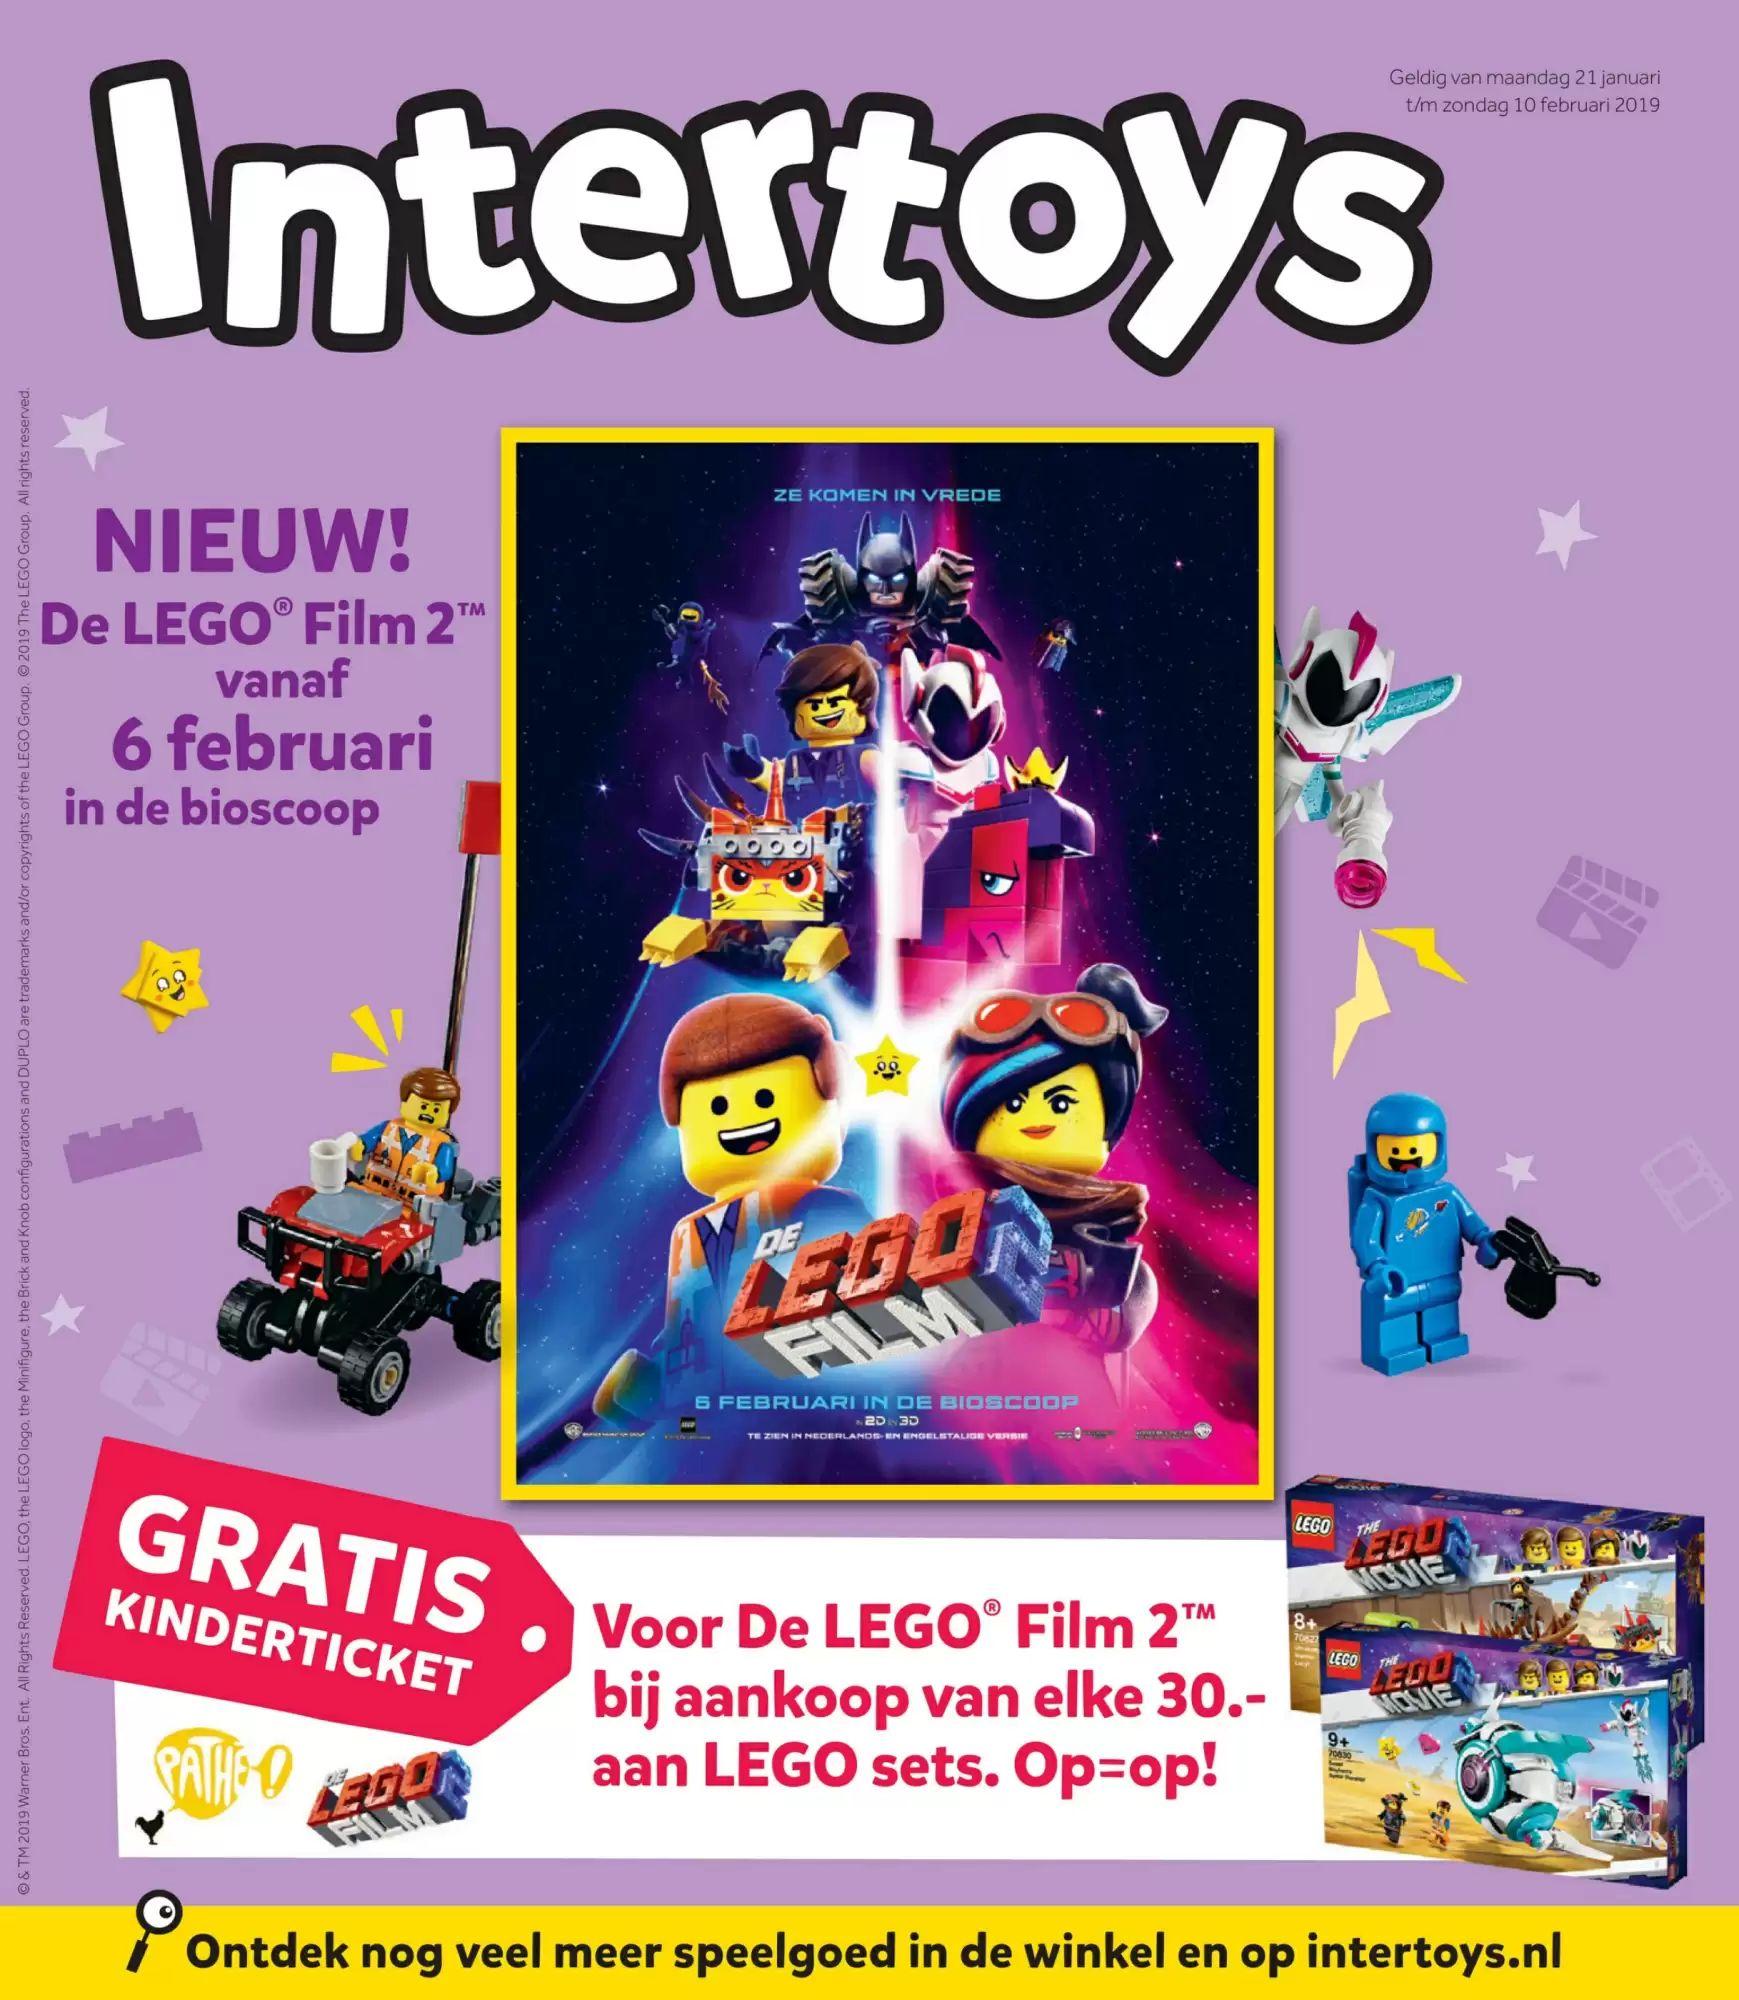 Gratis Pathé kinderticket voor Lego Film 2 bij aankoop van elke 30,- aan Lego sets.